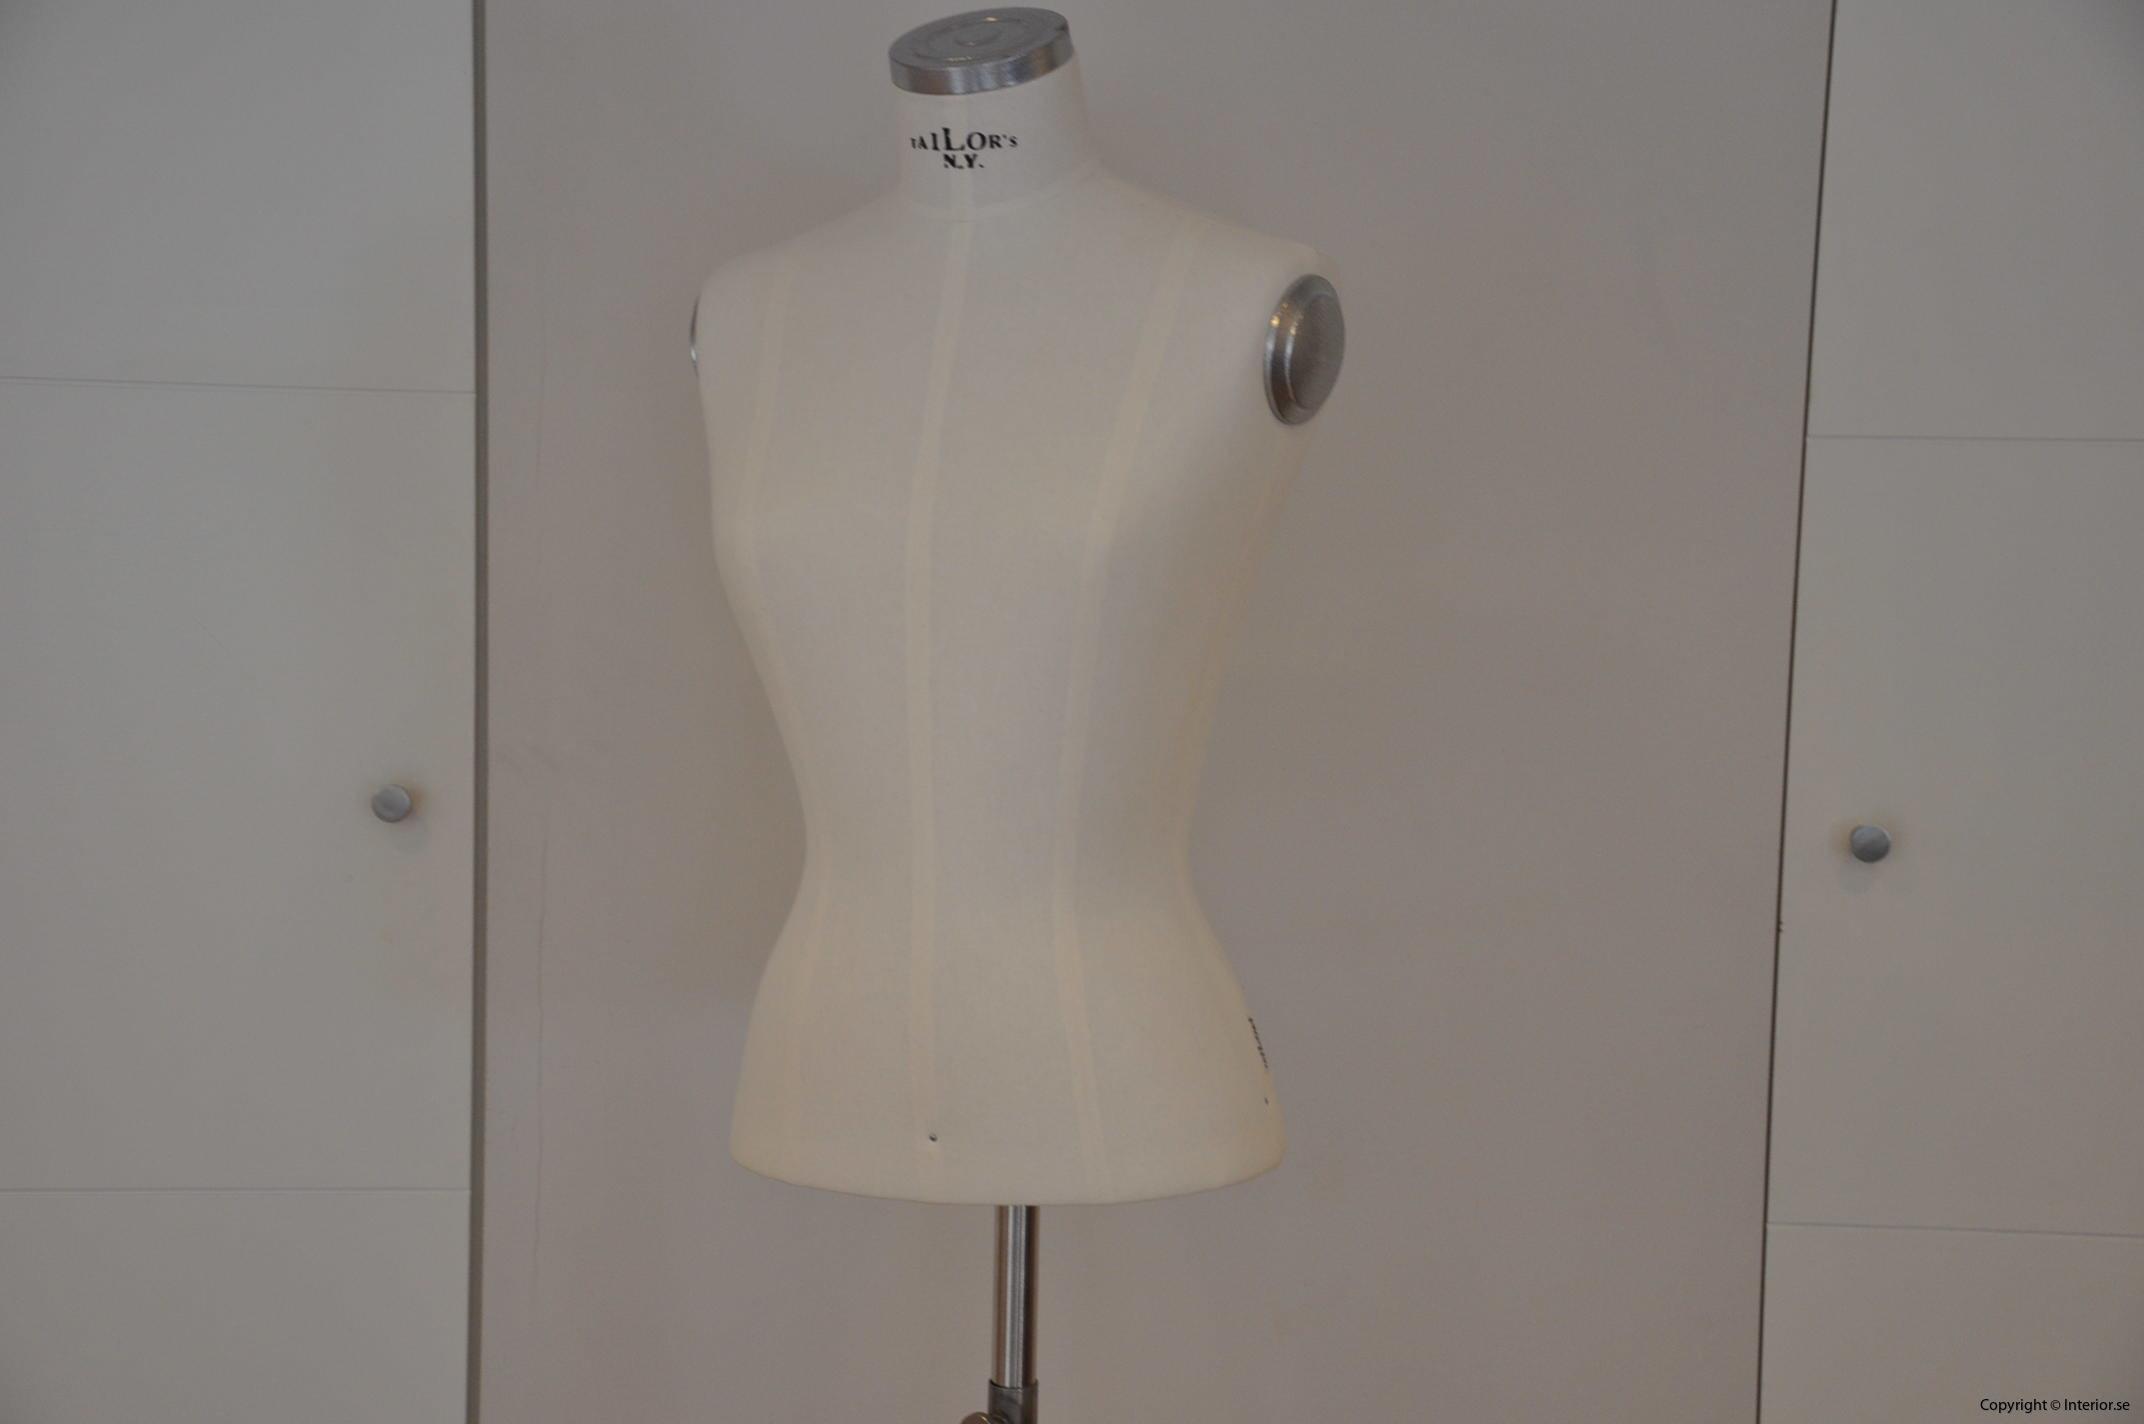 mindre skyltdocka TAILOR'S ny tailor ny tailors ny mannequins begagnad (2)